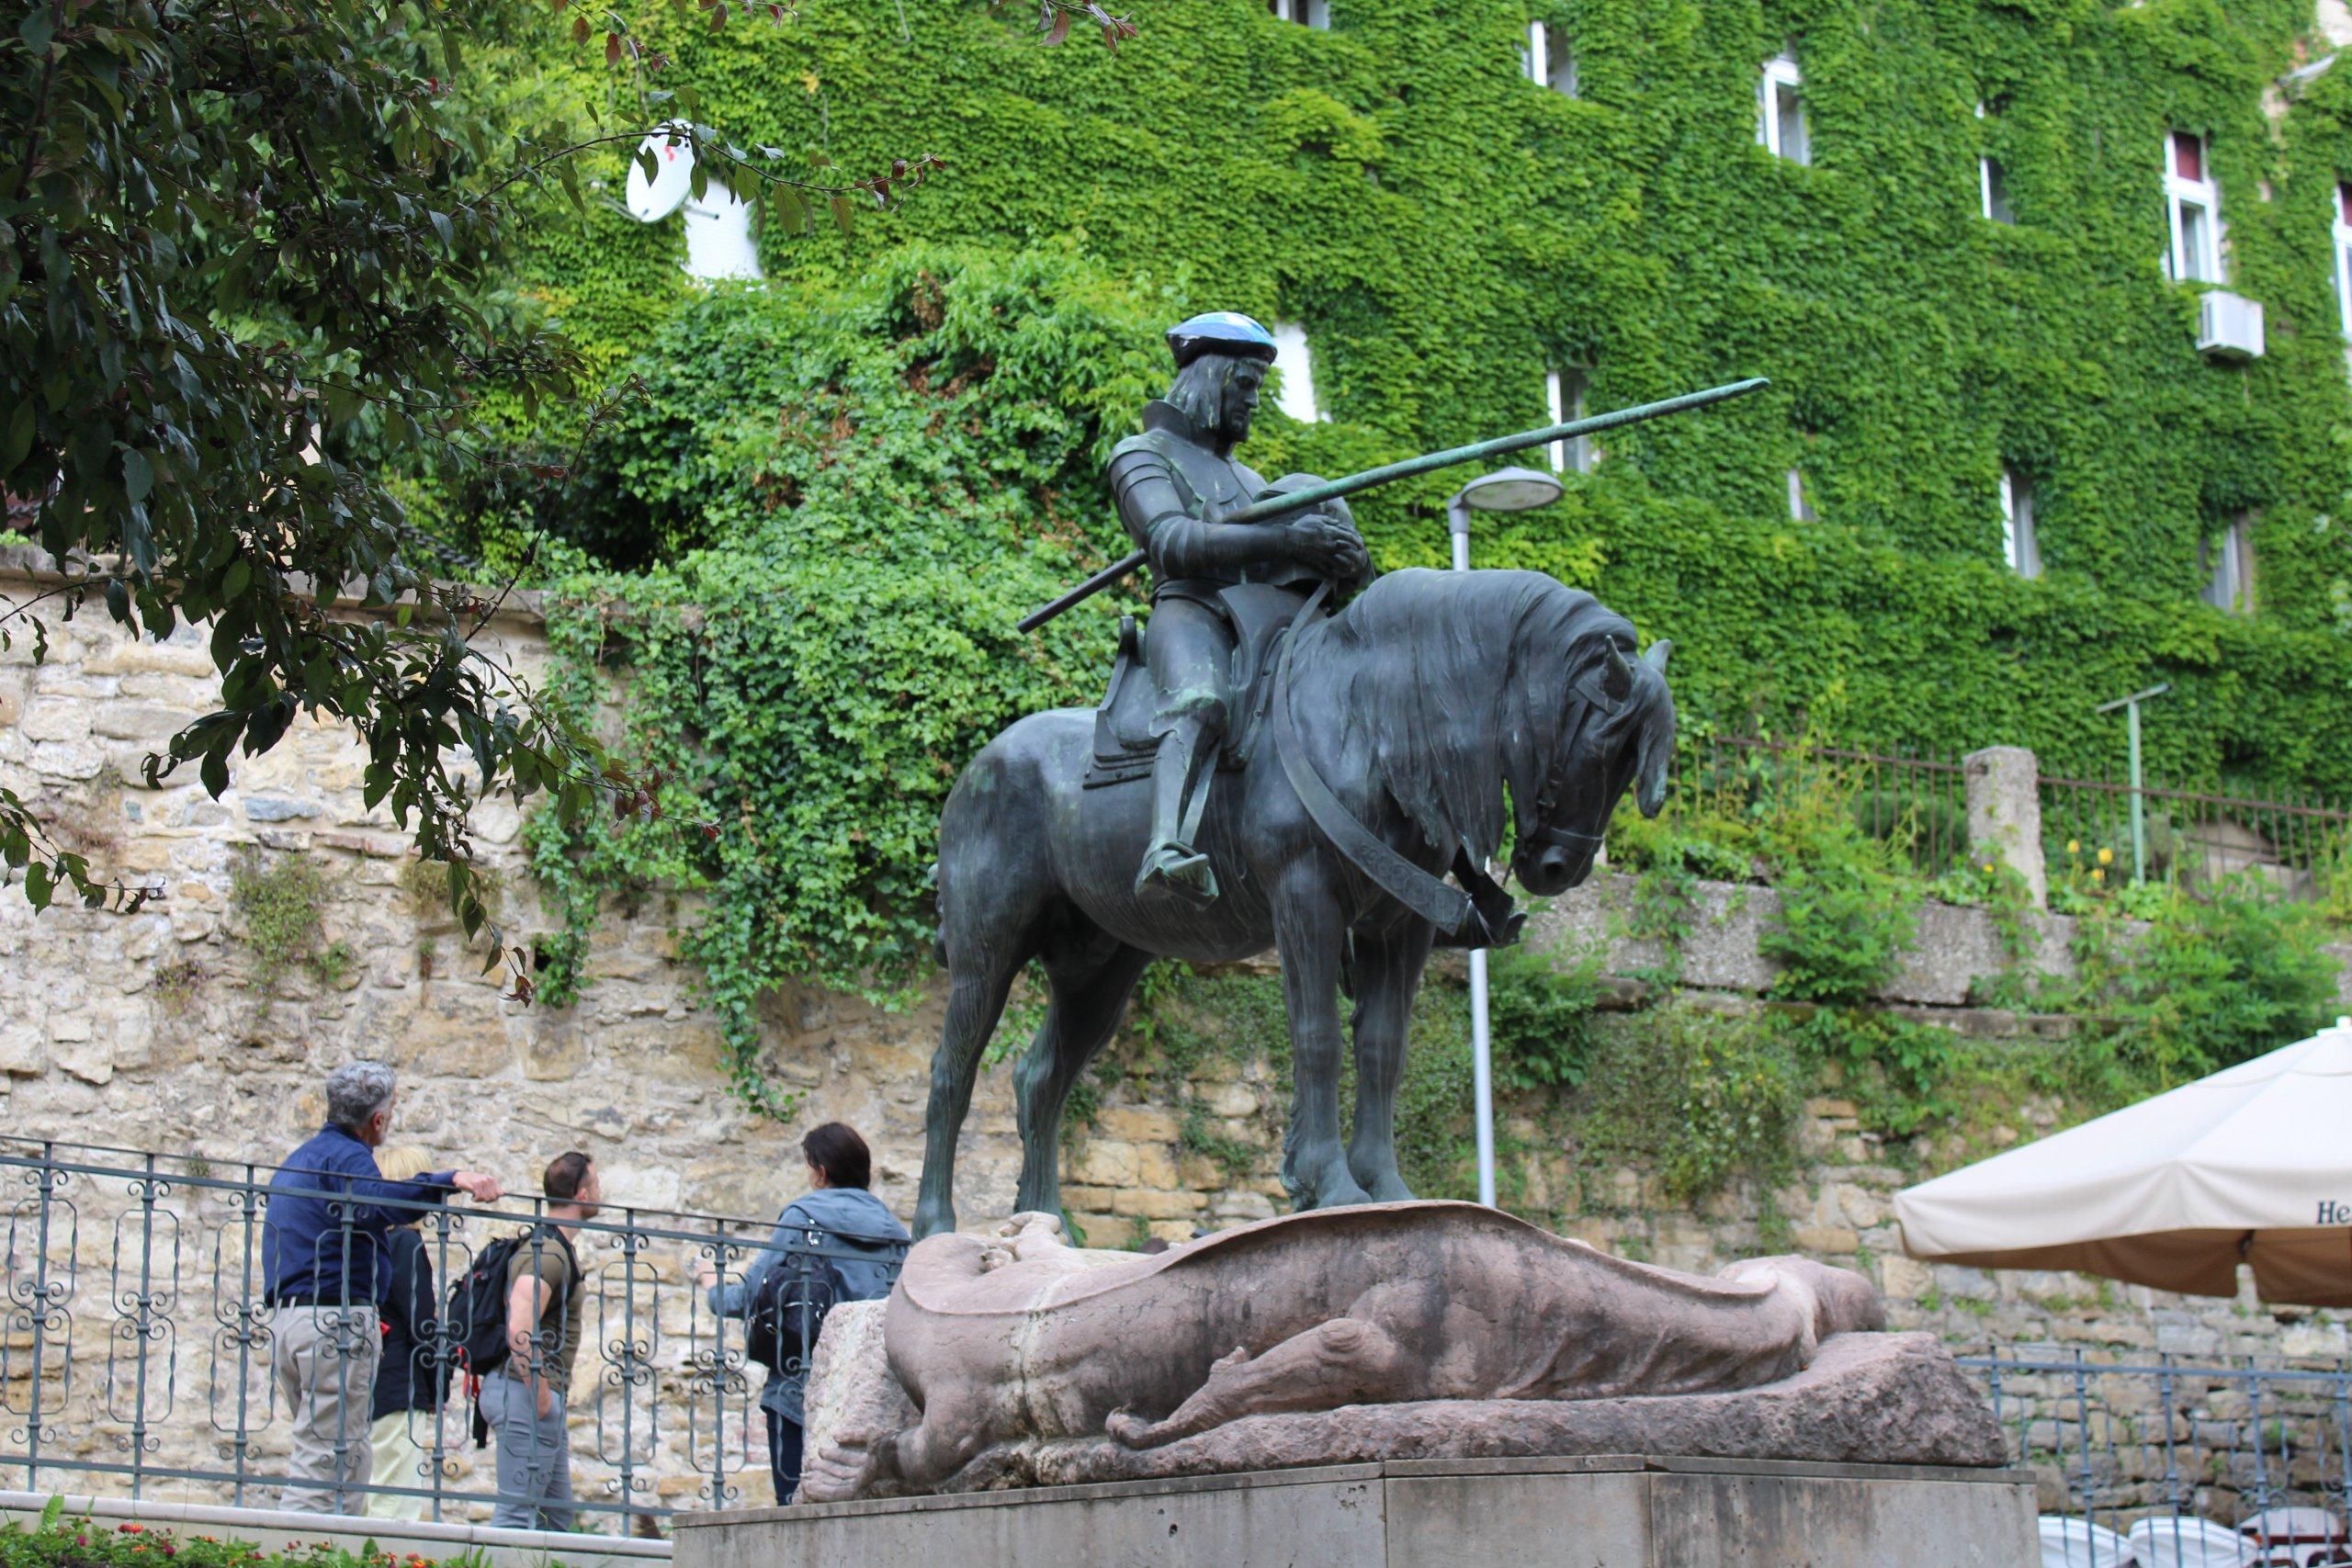 Spomenik sv. Jurja osvanuo s kacigom na glavi: Šalje li se neka posebna poruka?